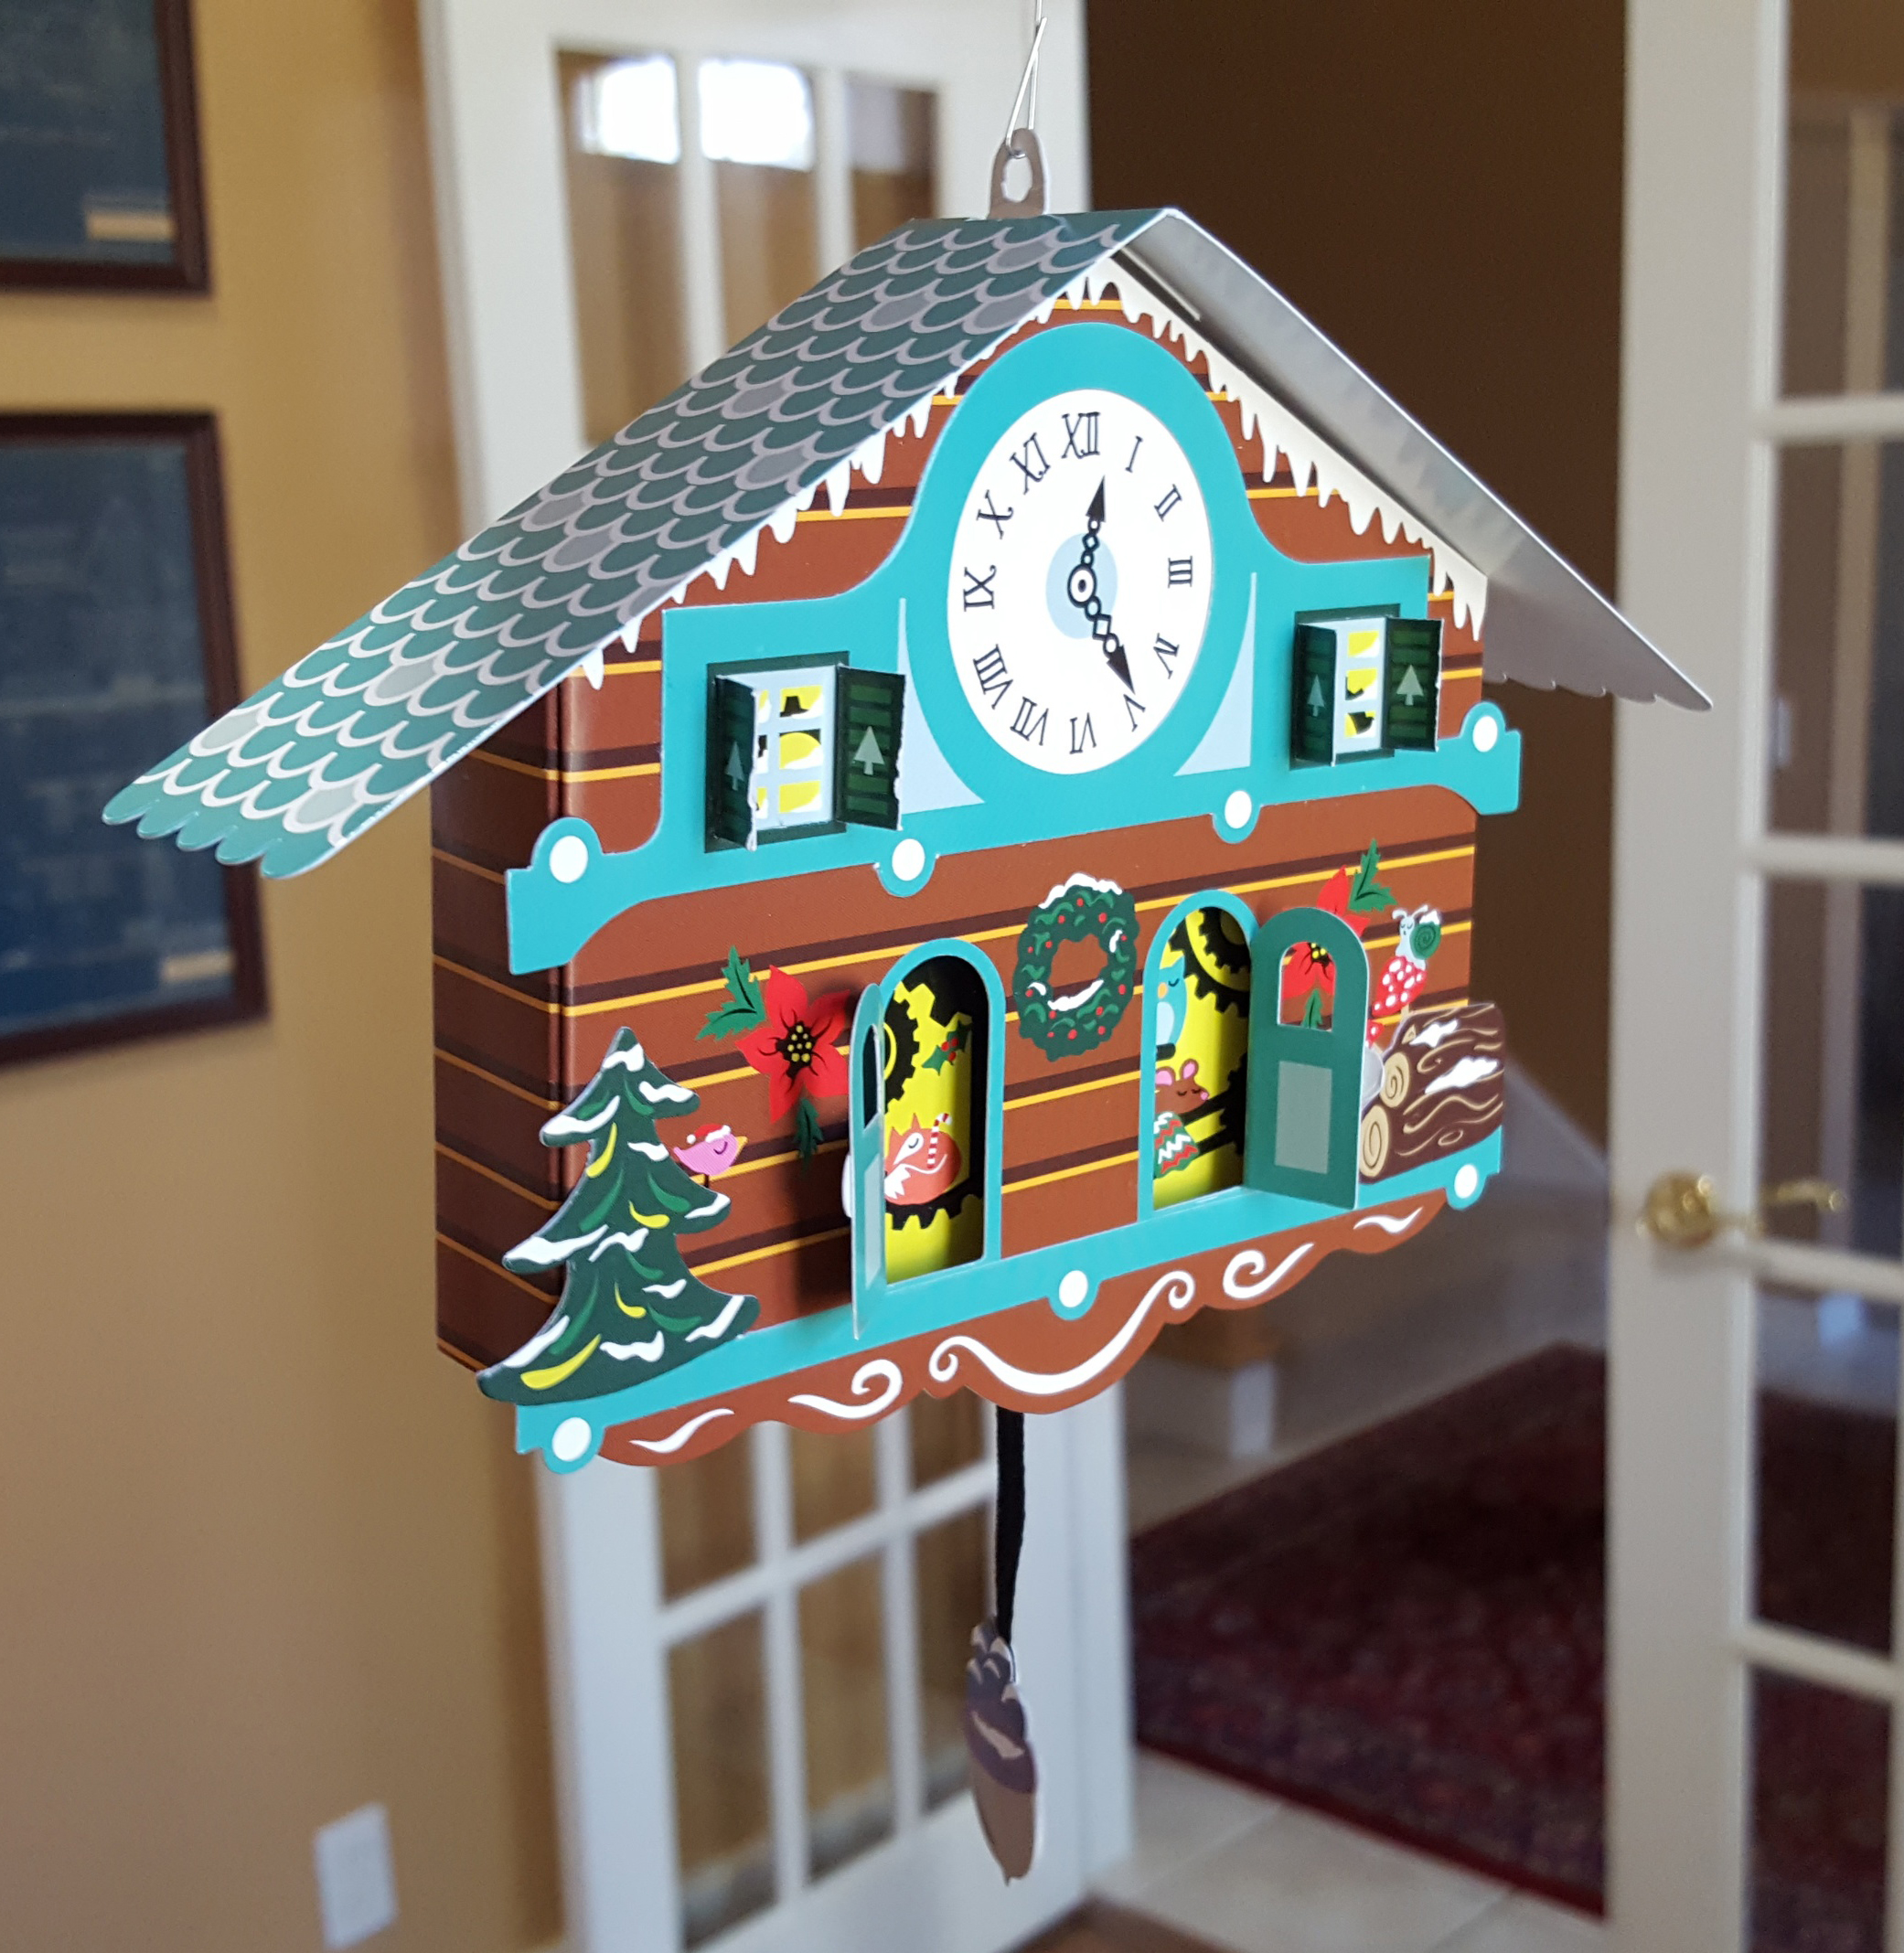 New Cuckoo Clock Christmas Card at MoMA – Rob Kelly Design